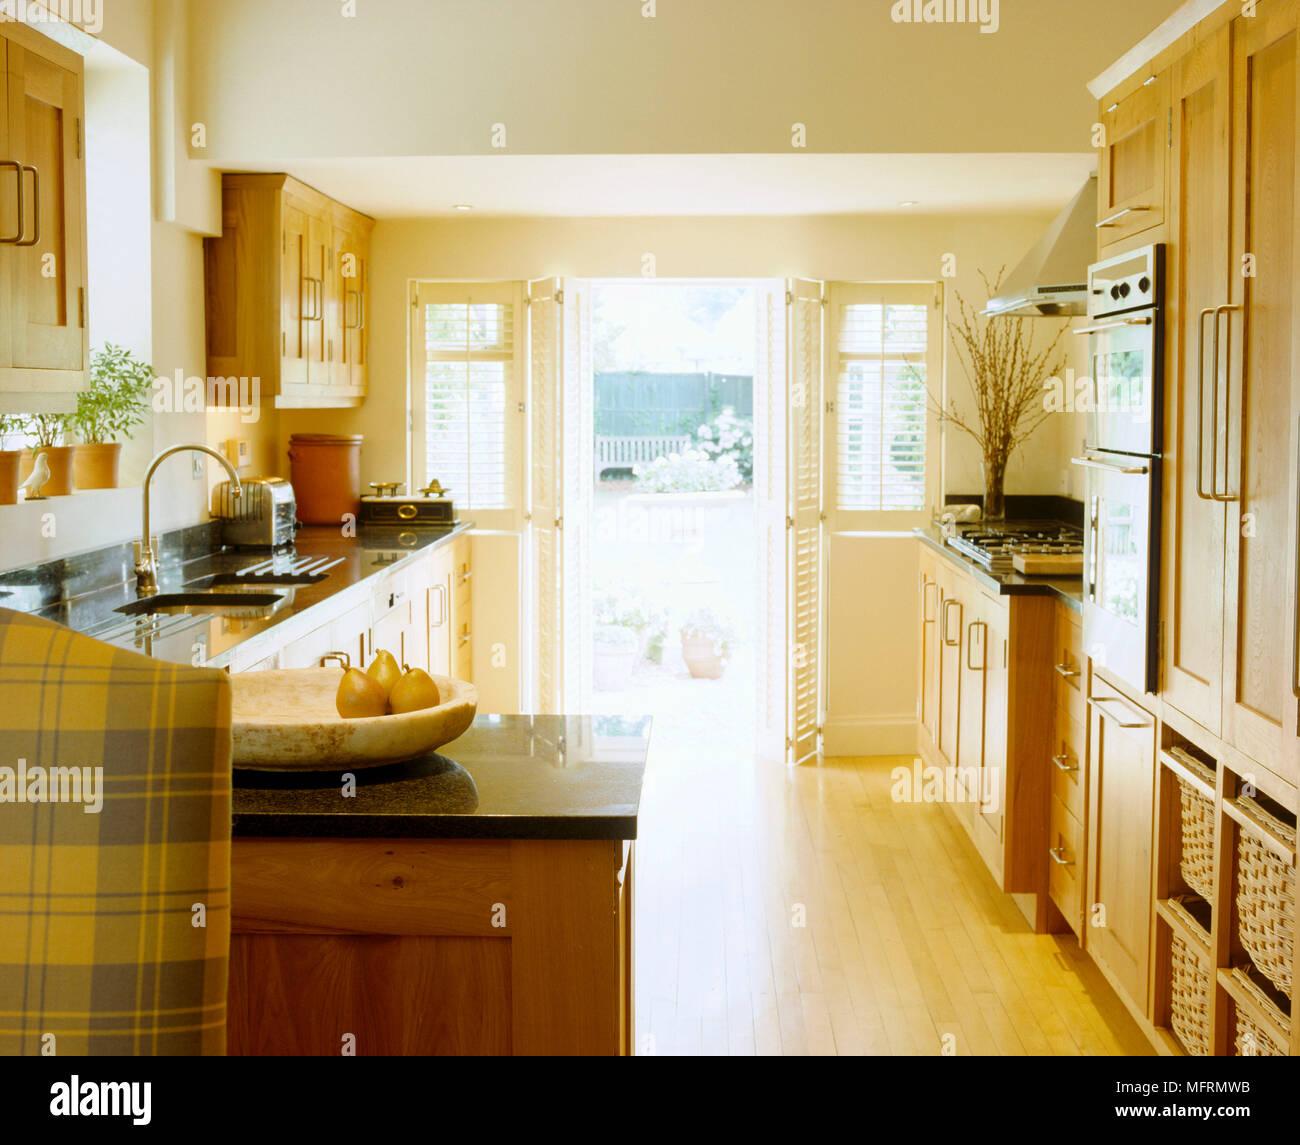 Stile country moderno cucina con area da pranzo legno unità ...